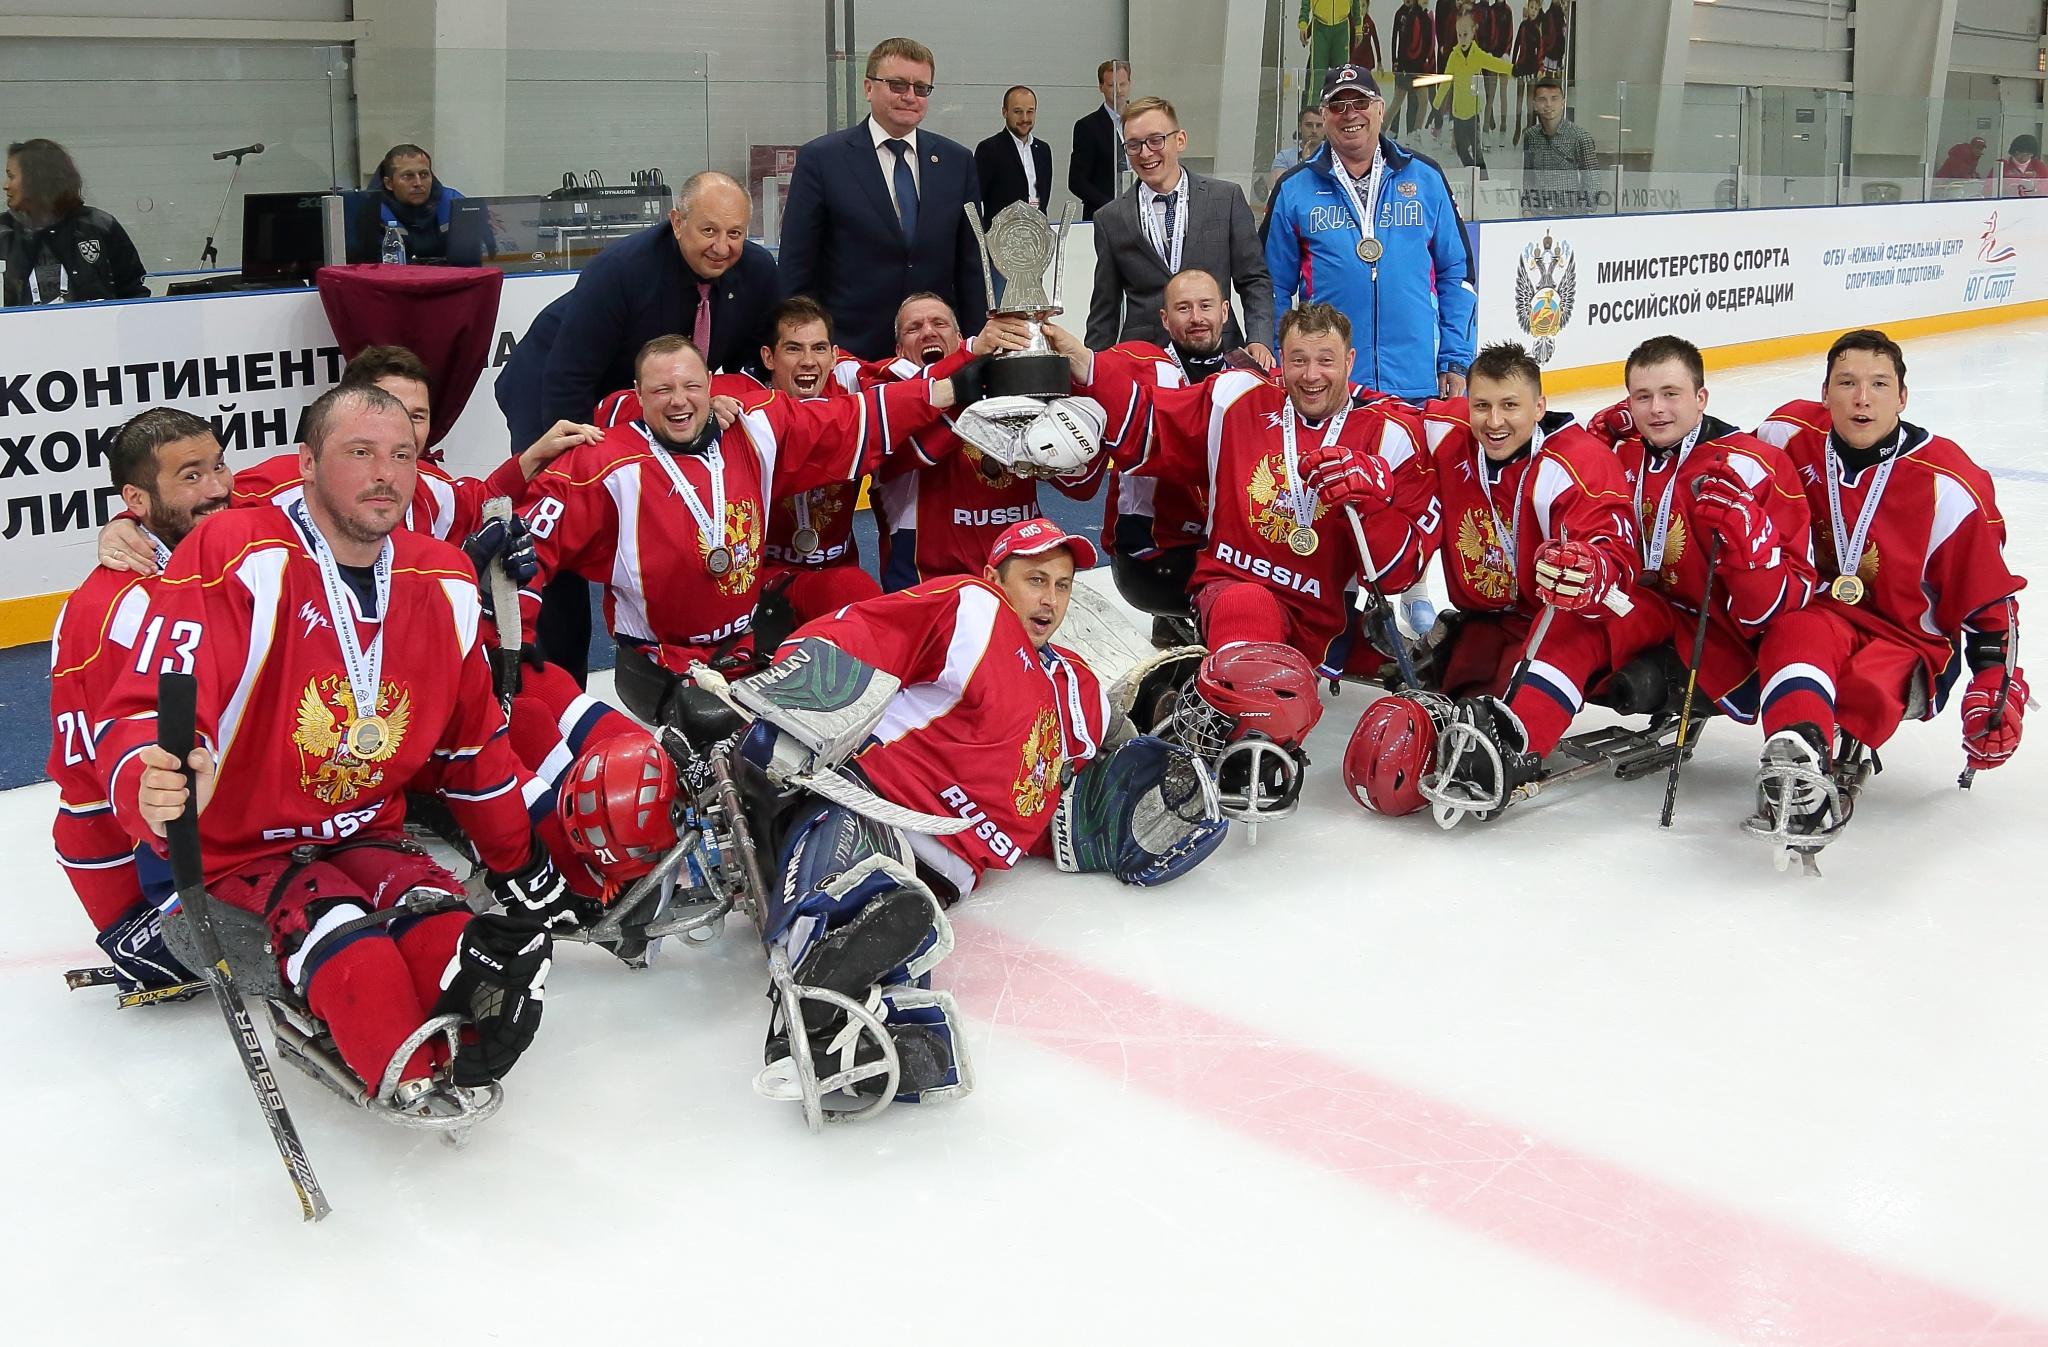 Победитель Кубка Континента по хоккею-следж - Россия-1